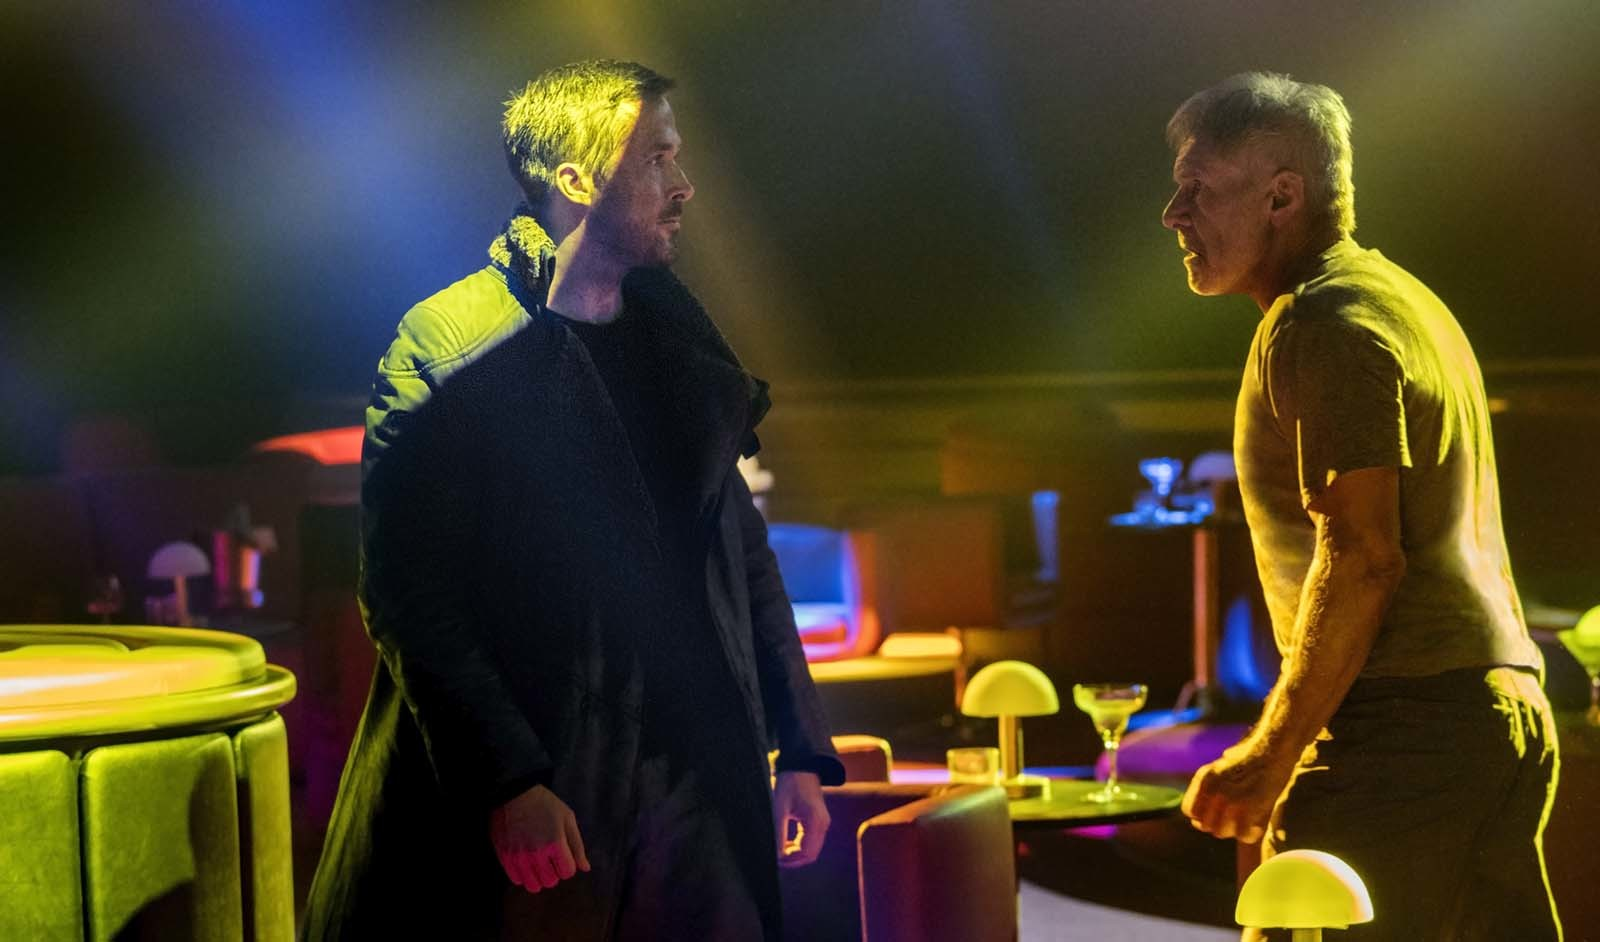 Bıçak Sırtı 2049 Filmi Tek Part indir Ekran Görüntüsü 2